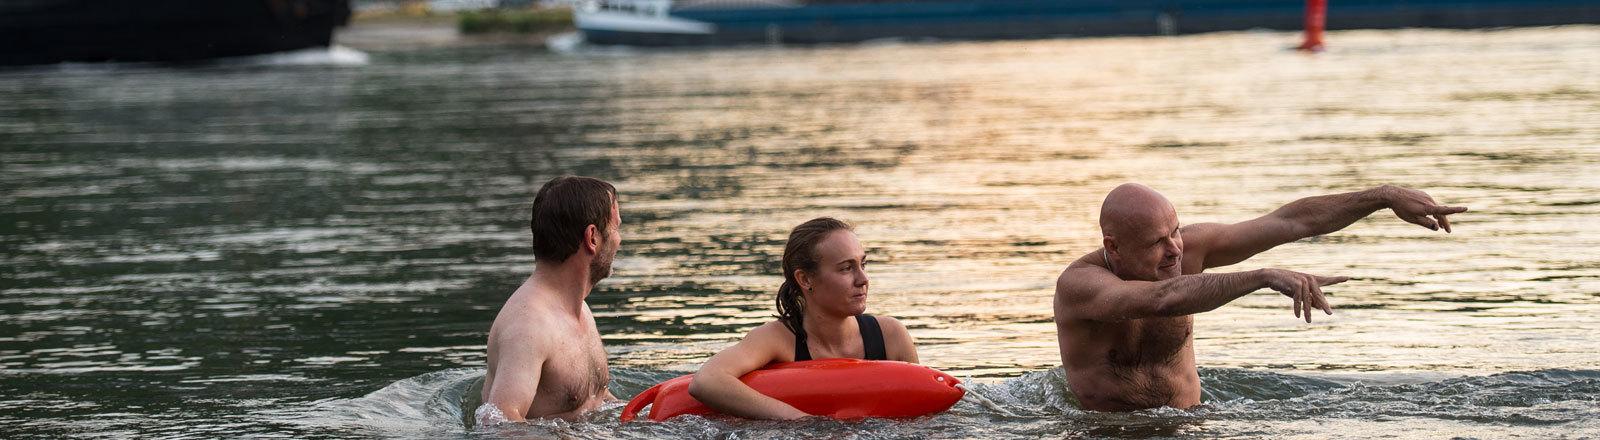 Der Leiter der Stromschwimmschule «Cubalido», Dirk Melzer (r-l), zeigt Katharina Dauer (Rettungsschwimmerin, DLRG Kaub-Loreley) und einem Teilnehmer am 29.07.2016 in Kaub (Rheinland-Pfalz) die Schwimmrichtung an.